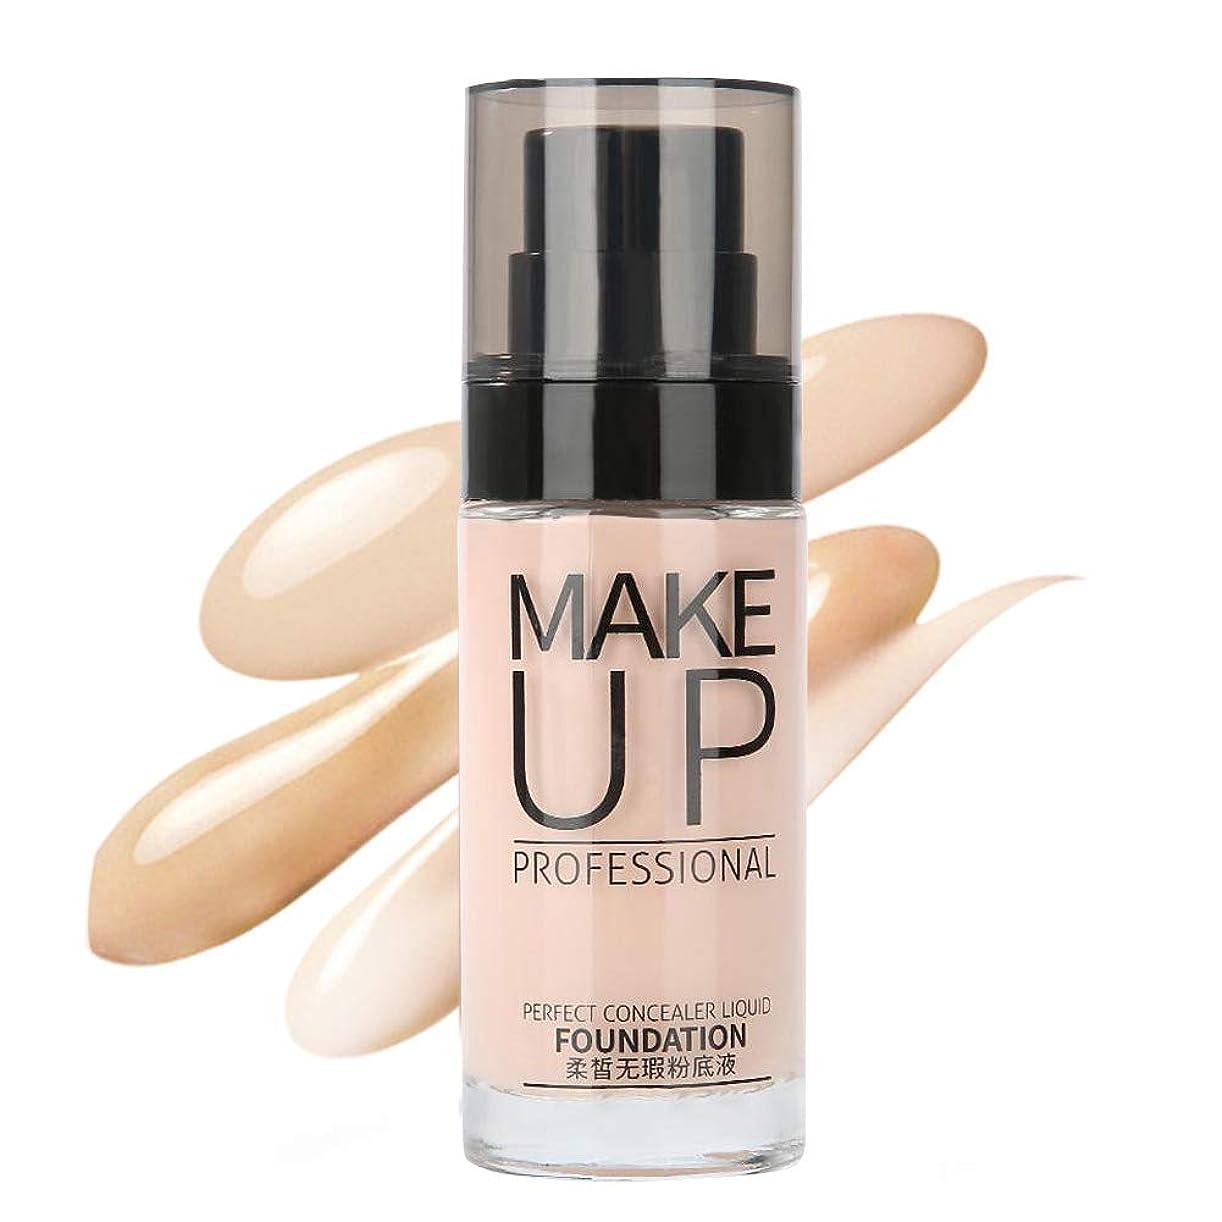 軌道ホイップくしゃくしゃSemme BBクリーム、モイスチャライジングハイドレイティングコンシーラーベースファンデーションフェイスクリーム用UVプロテクションモイスチャライジングプライマーアイソレーション、コンシーラー、肌をする(Light Skin Color)